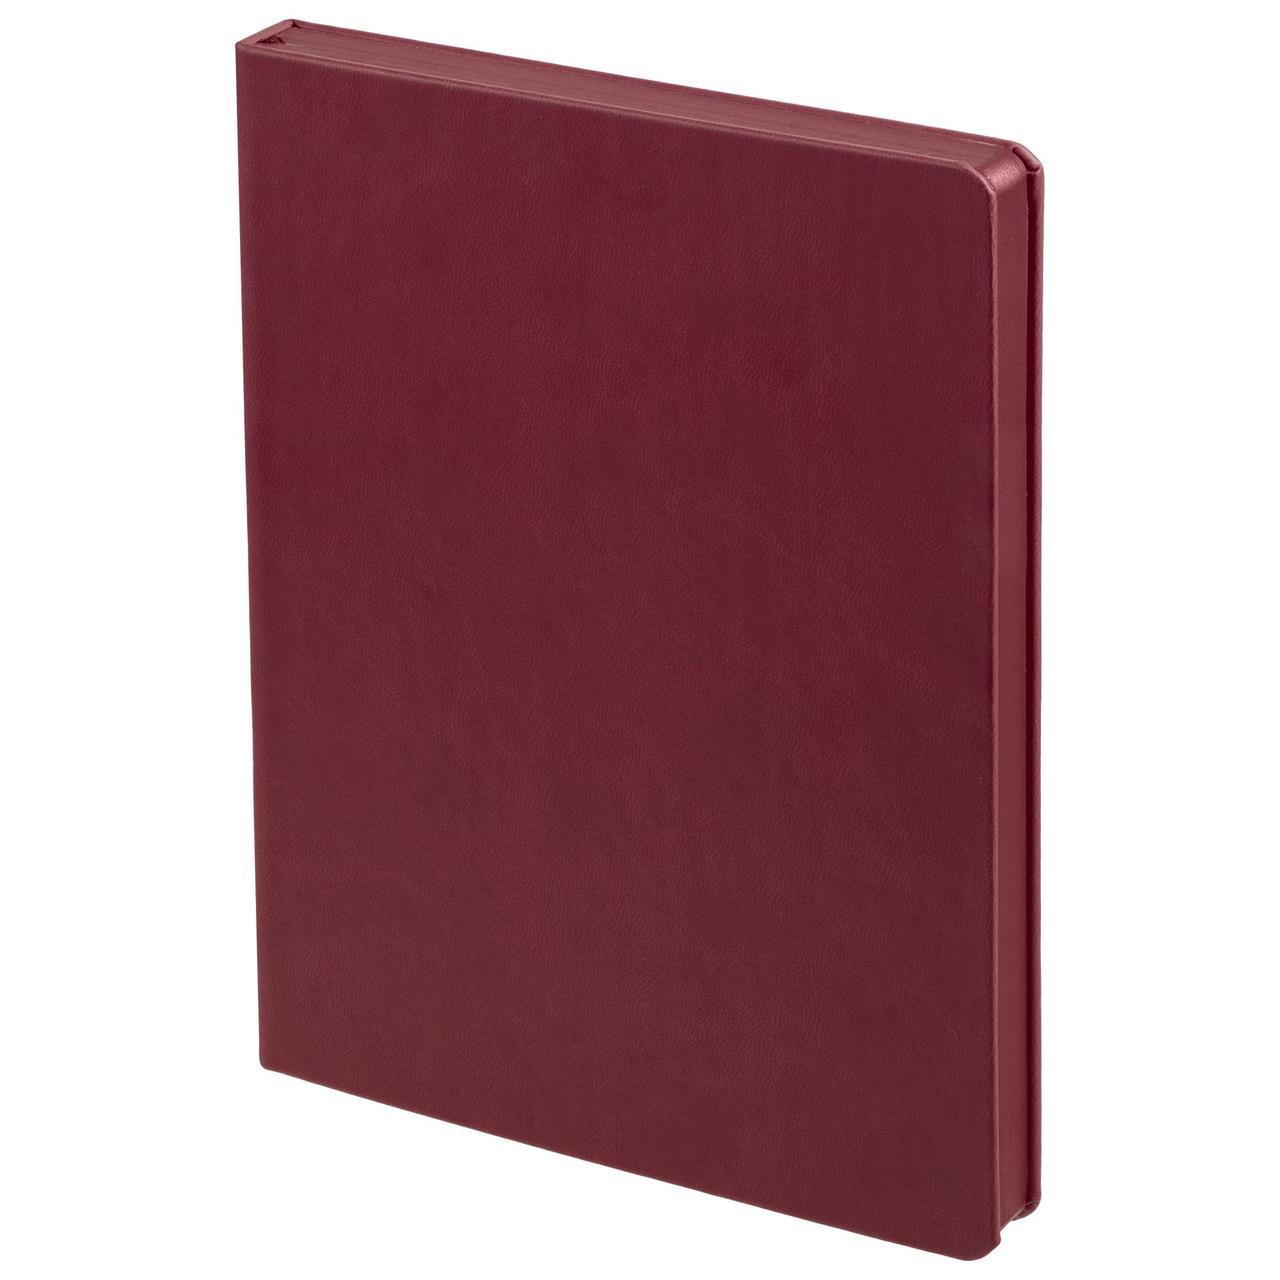 Ежедневник Brand Tone, недатированный, бордовый (артикул 17882.55)